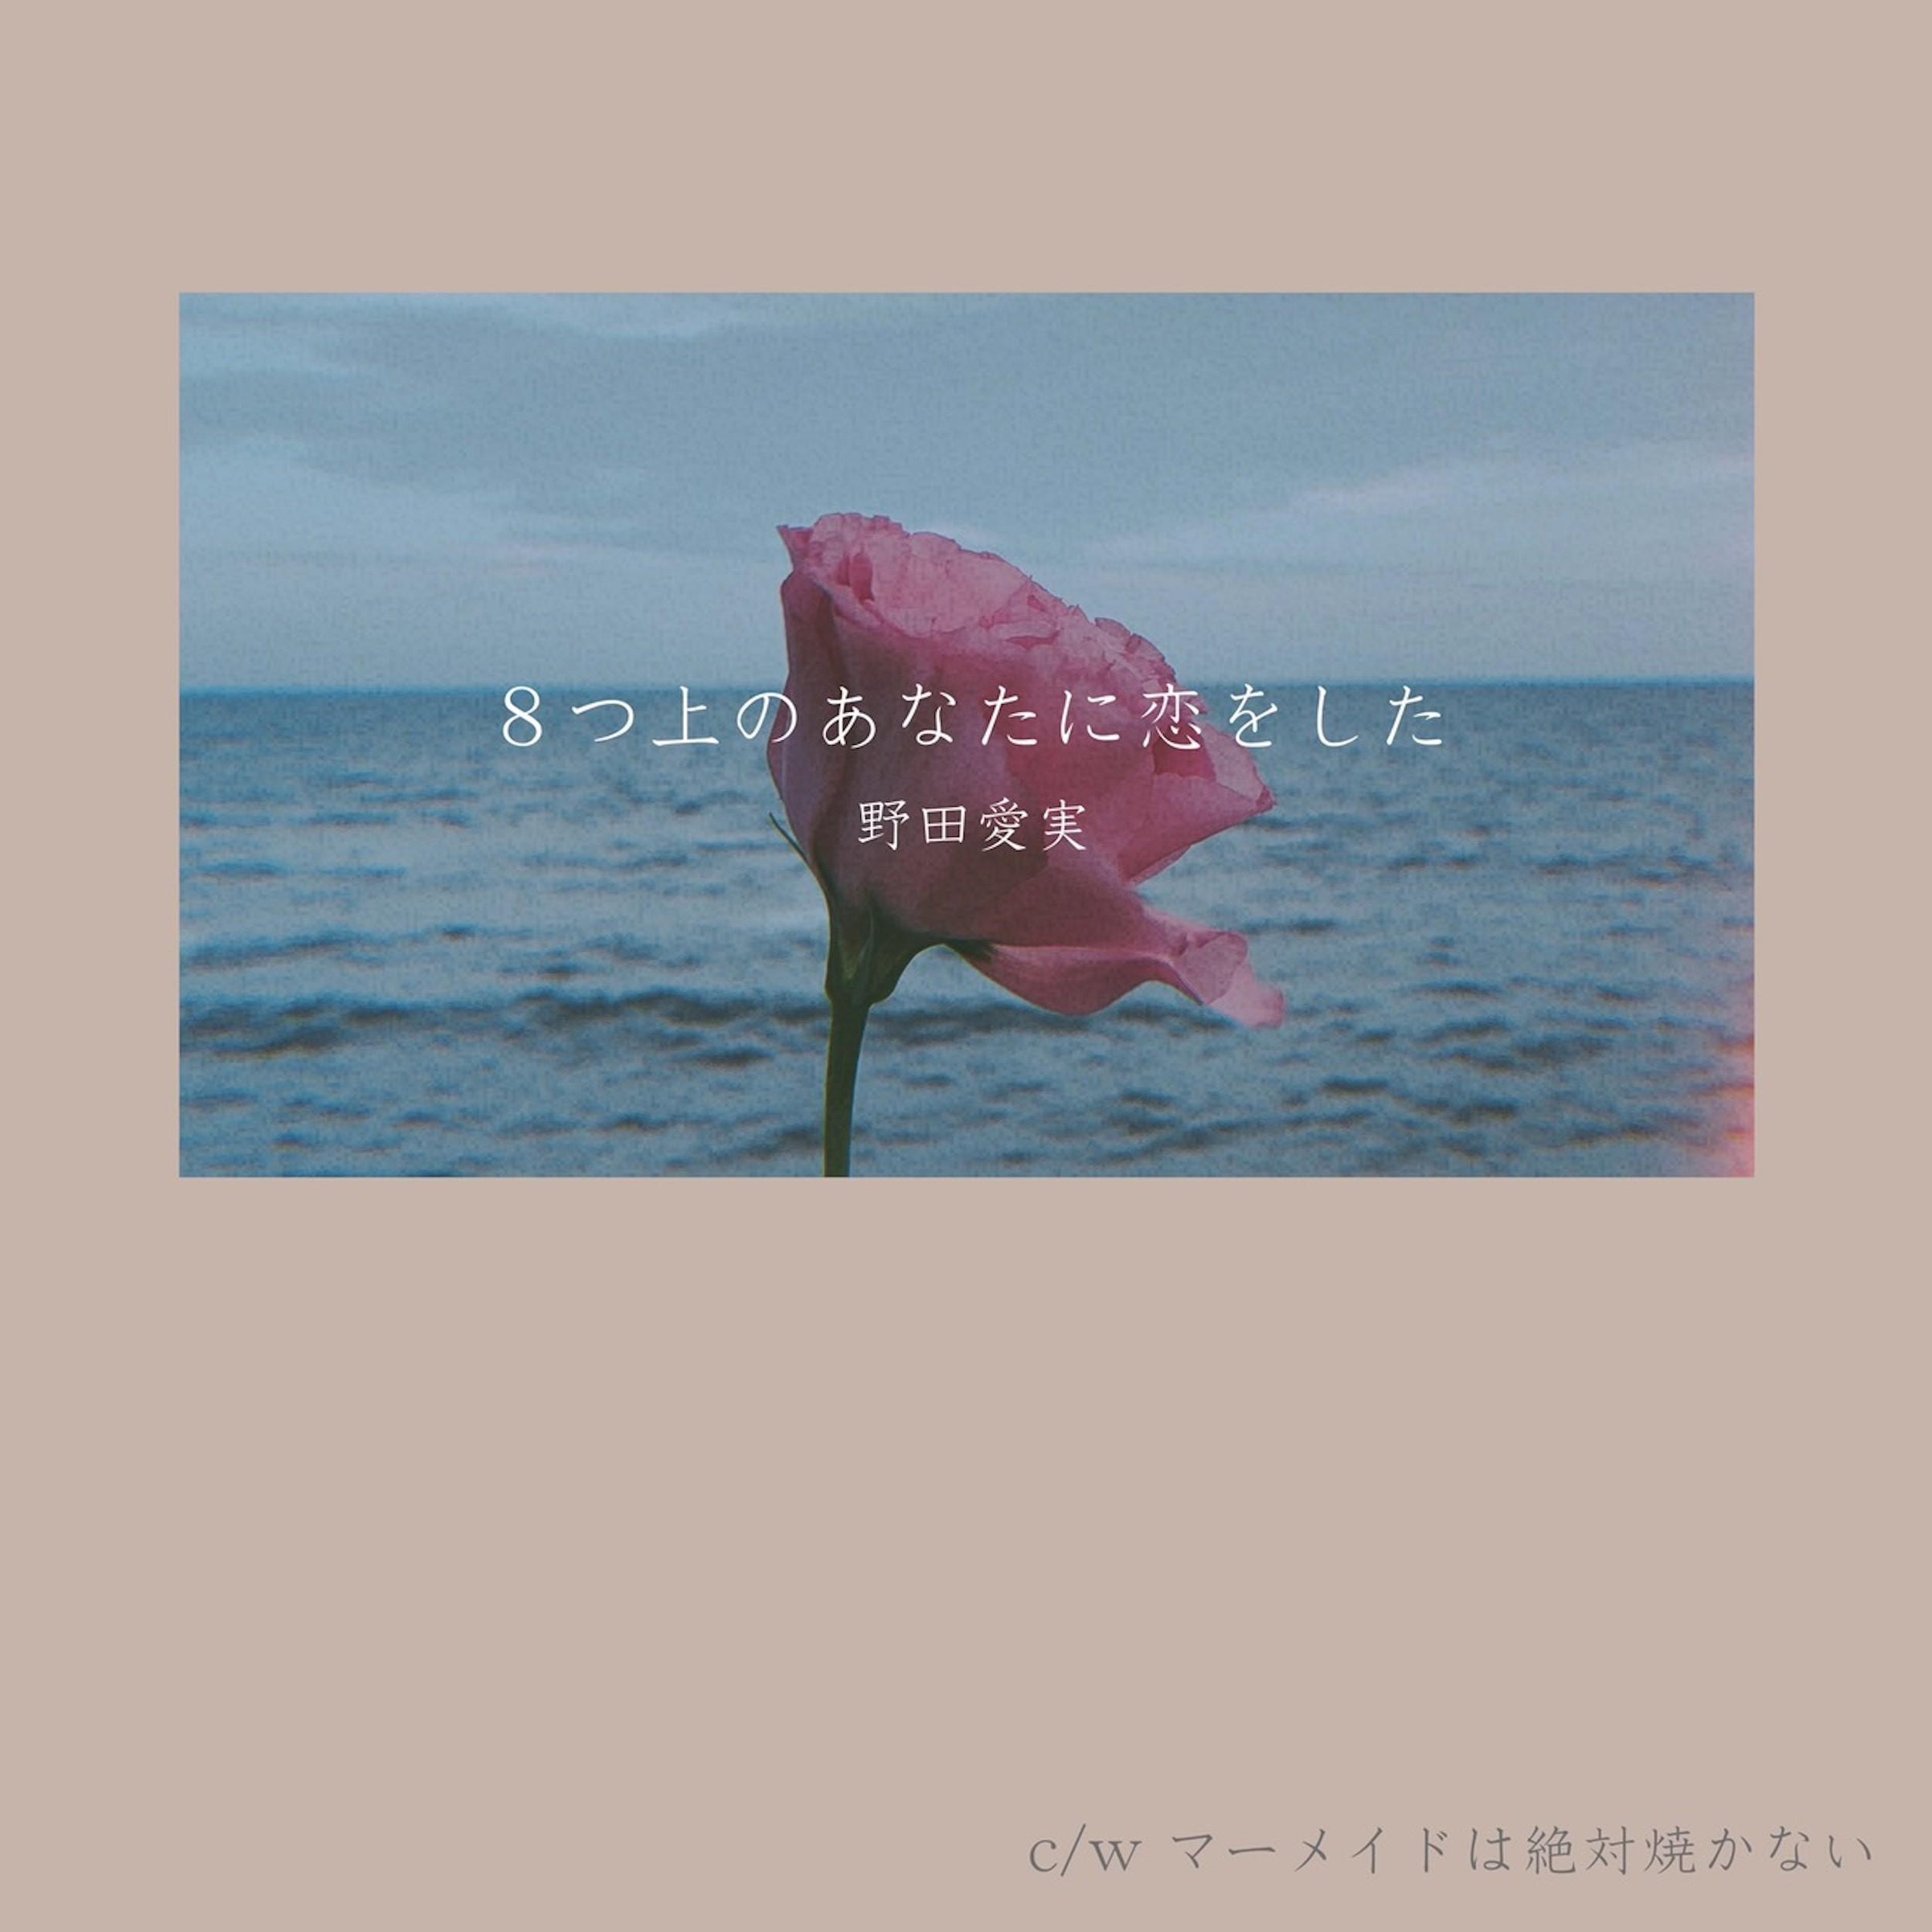 野田愛実 (Emi Noda) – 8つ上のあなたに恋をした [FLAC / WEB] [2021.07.28]